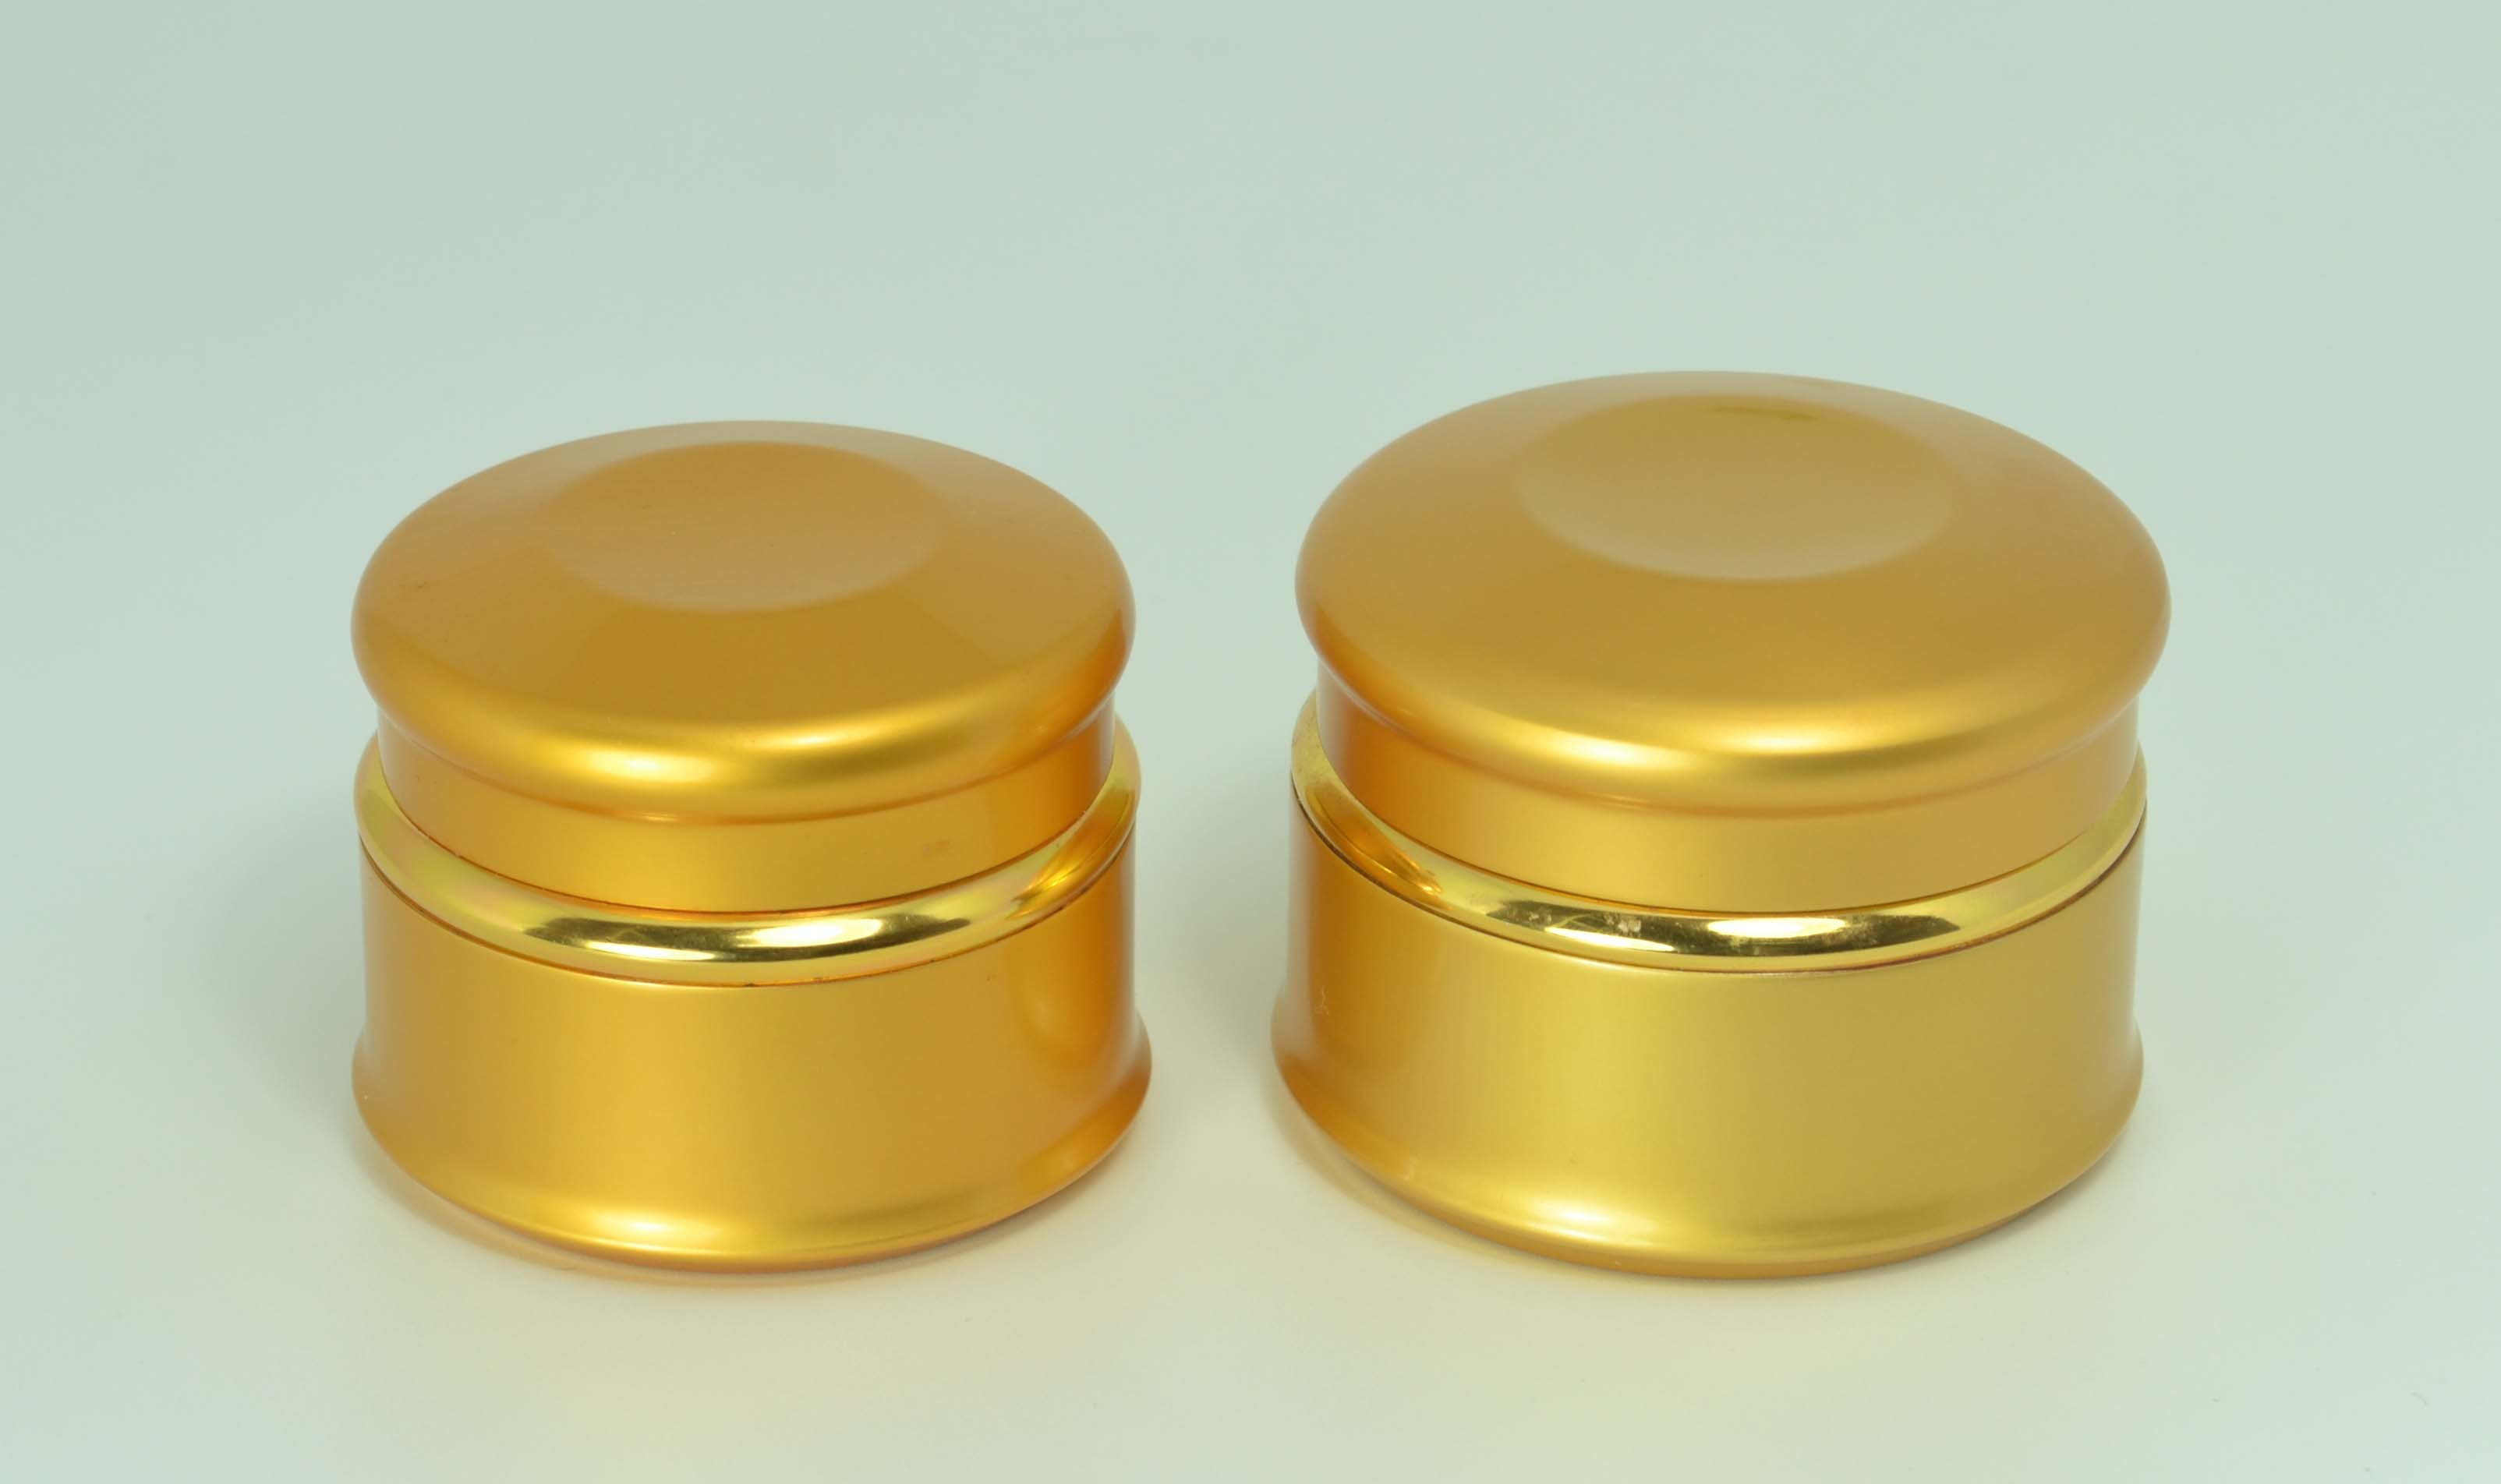 Gold Aluminum Cream Jar